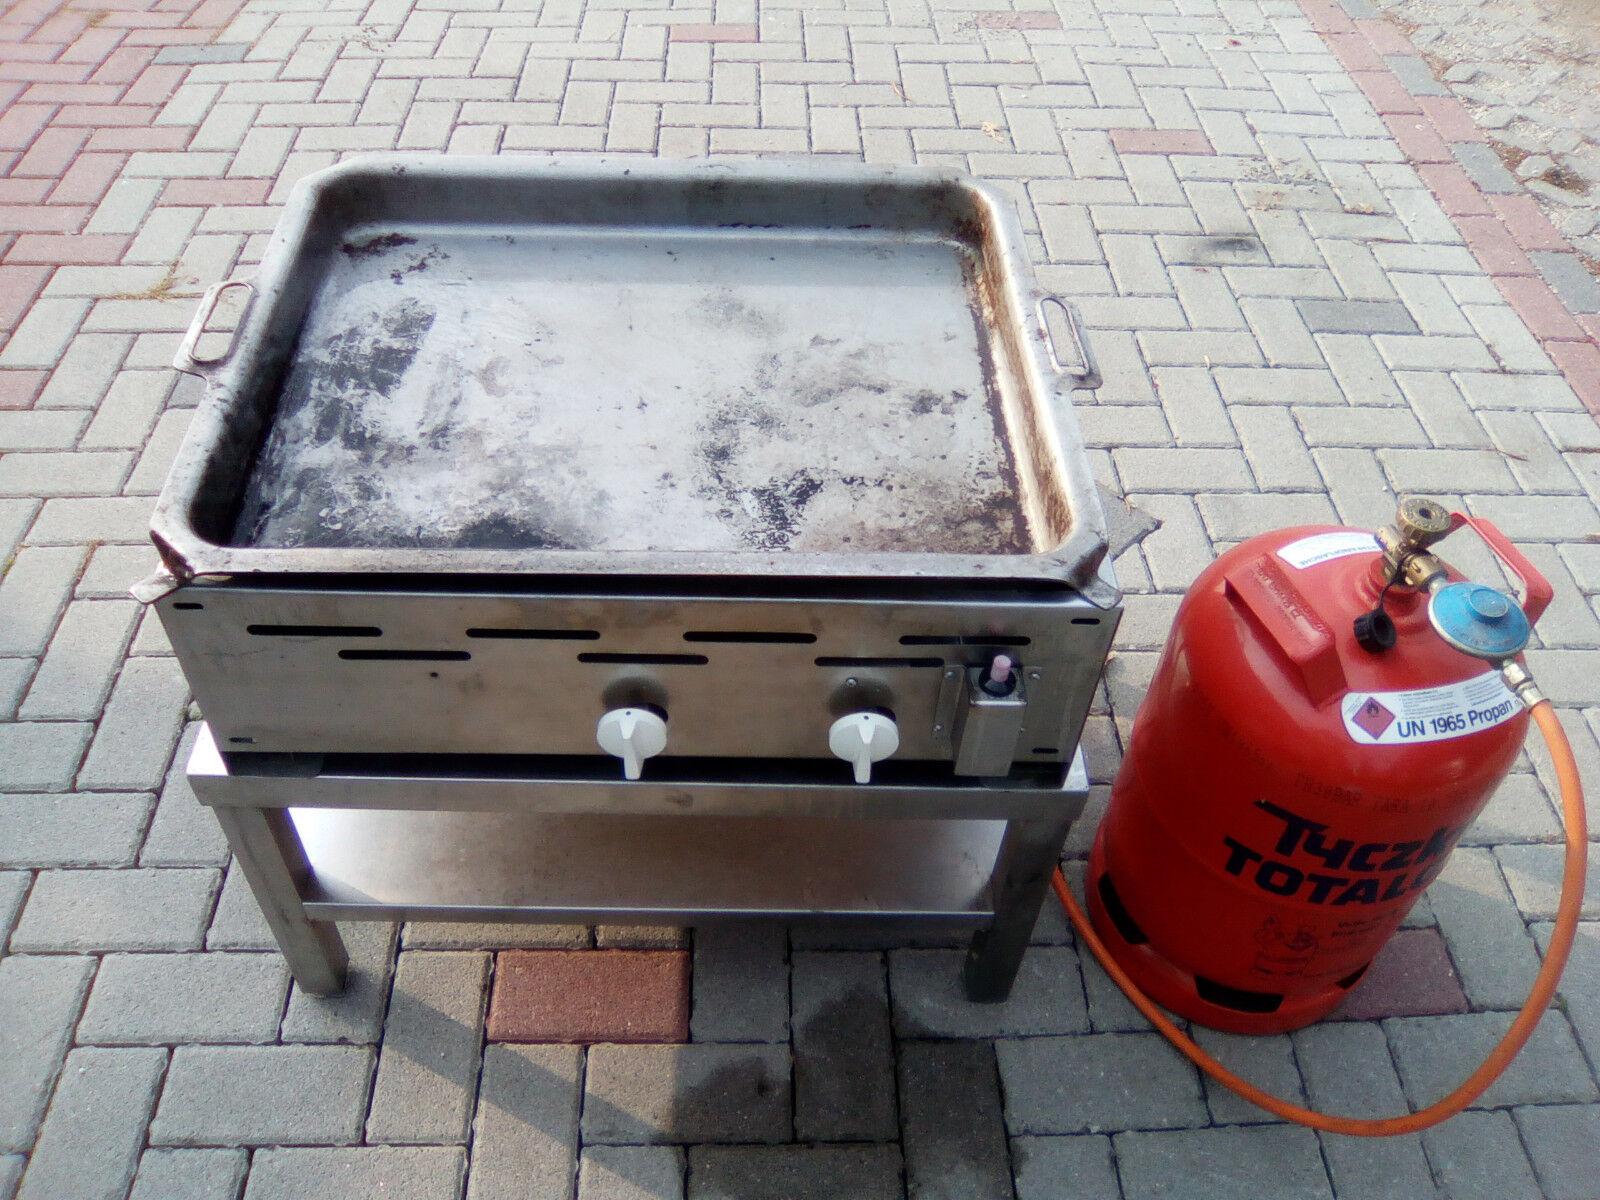 Gastro Elektrogrill Test : Gastro grill test vergleich gastro grill günstig kaufen!